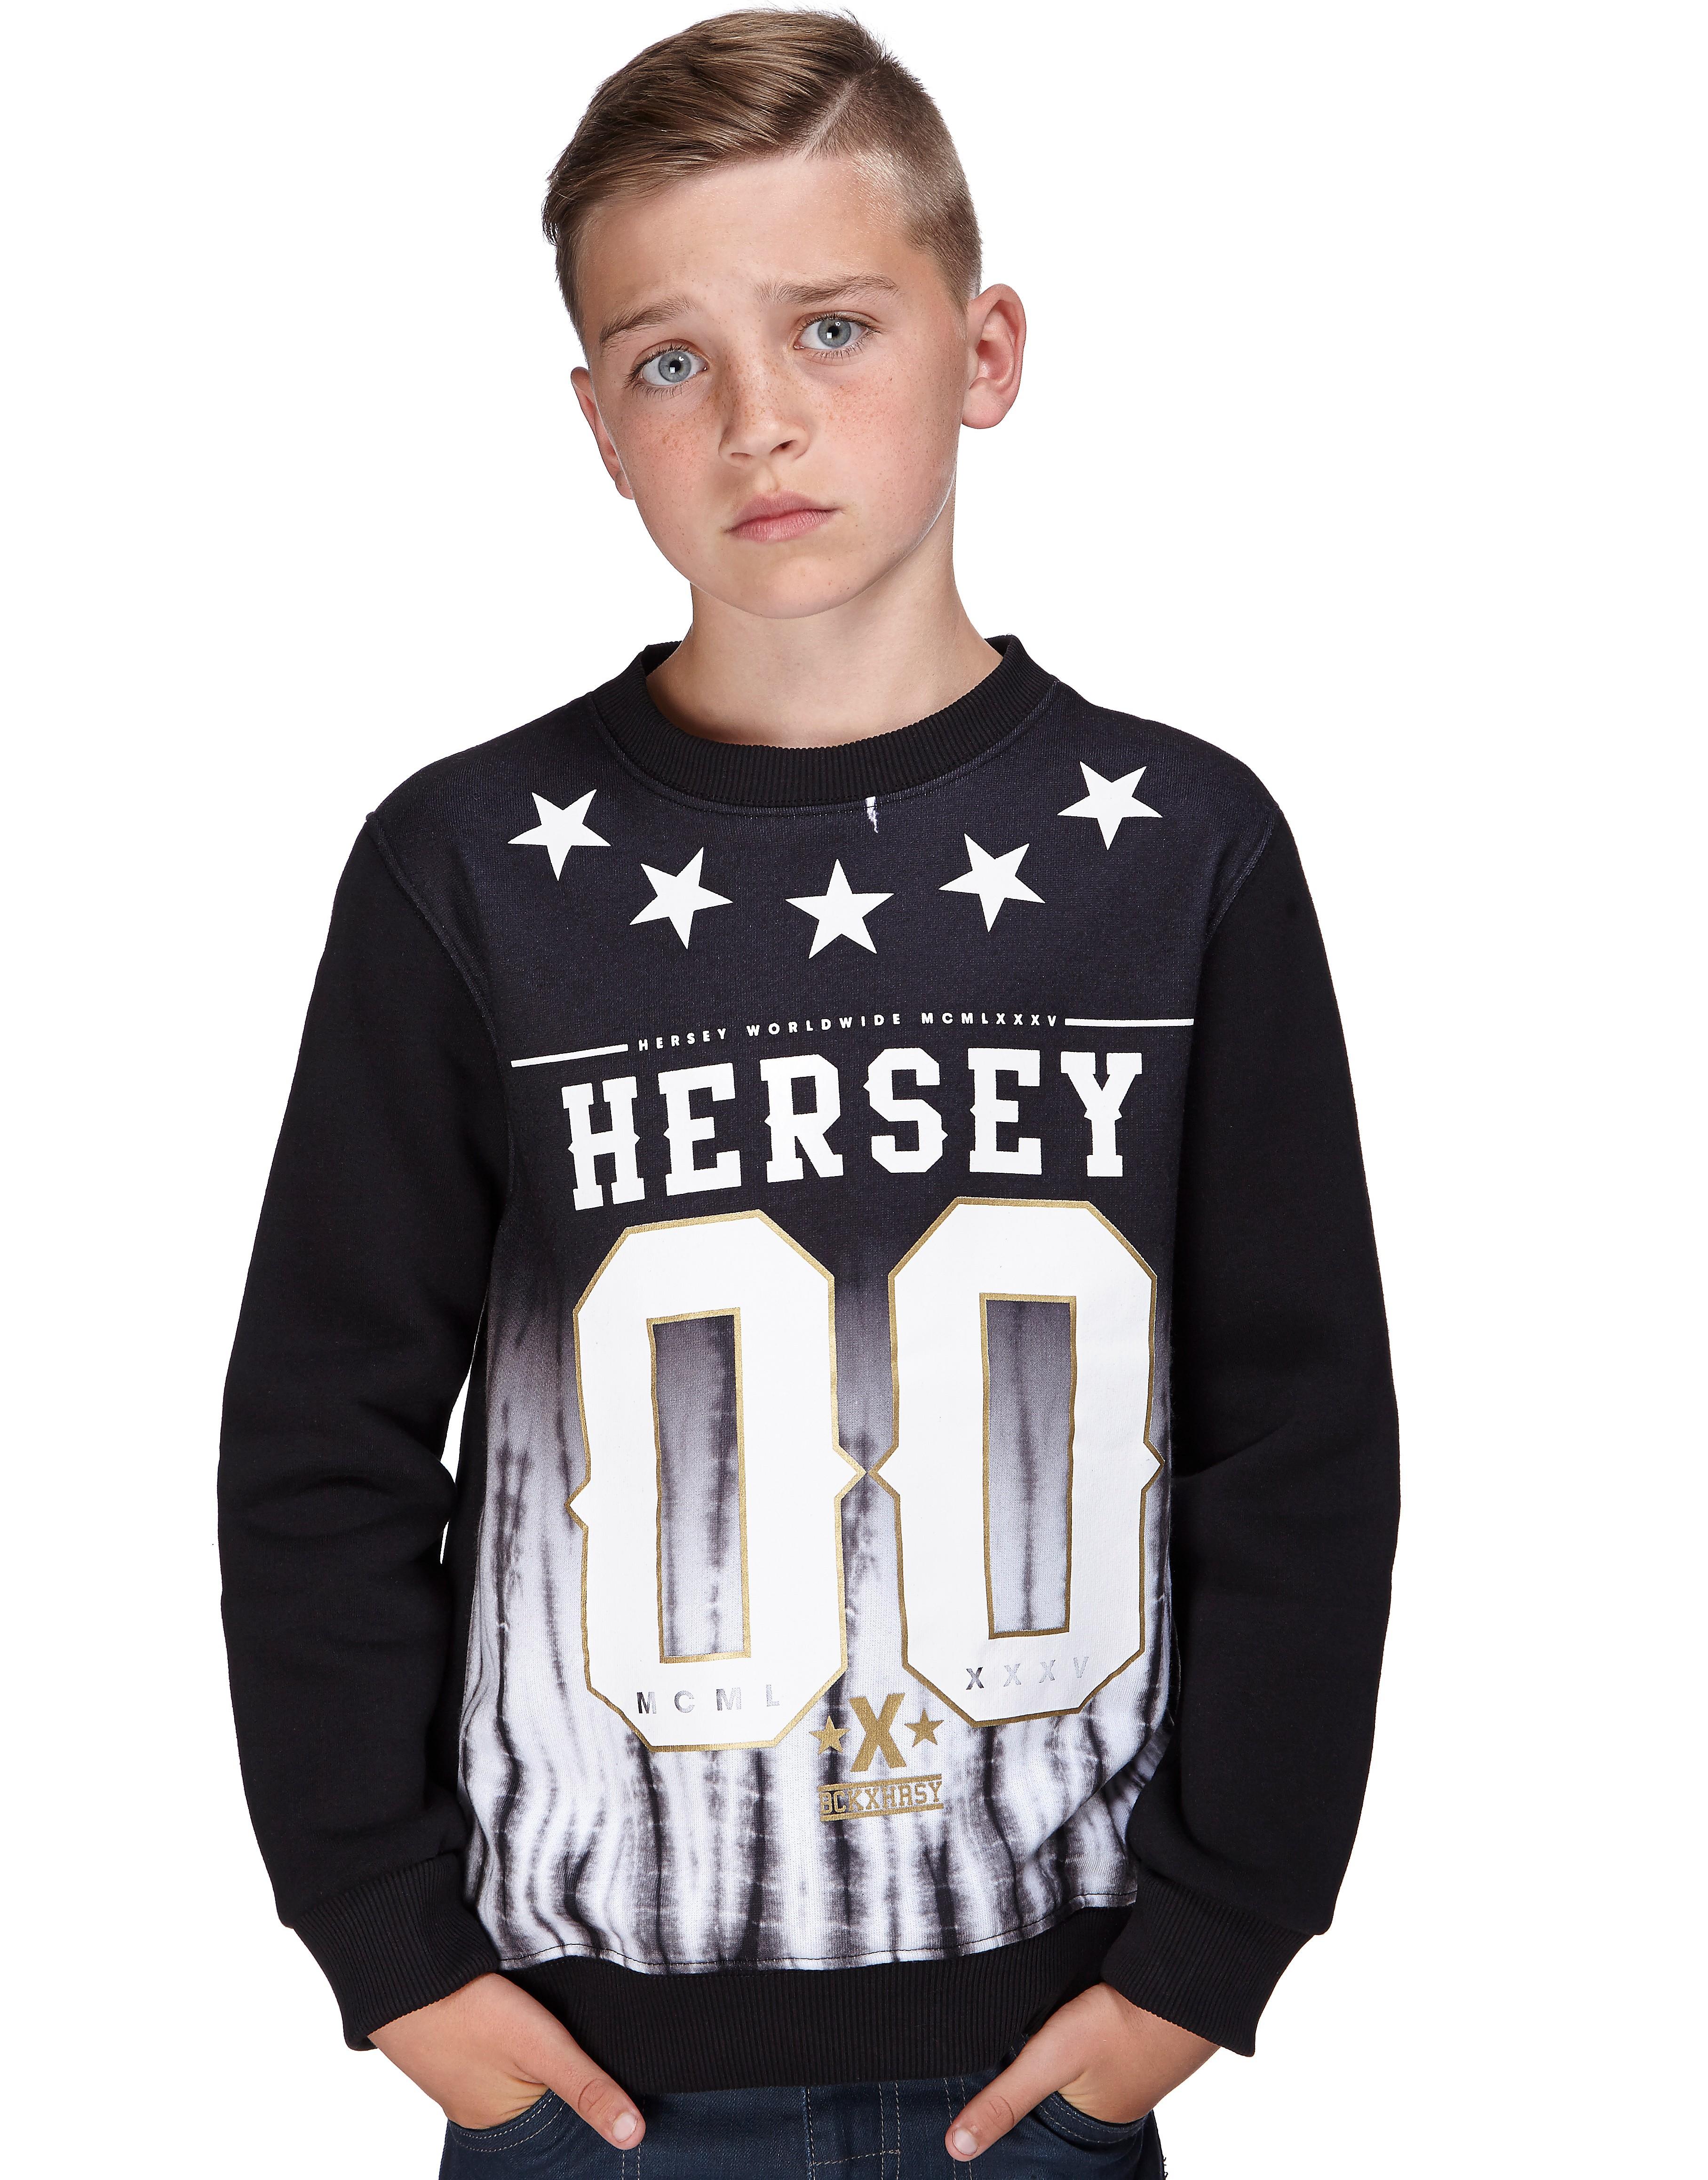 Beck and Hersey Juno Sweatshirt Junior